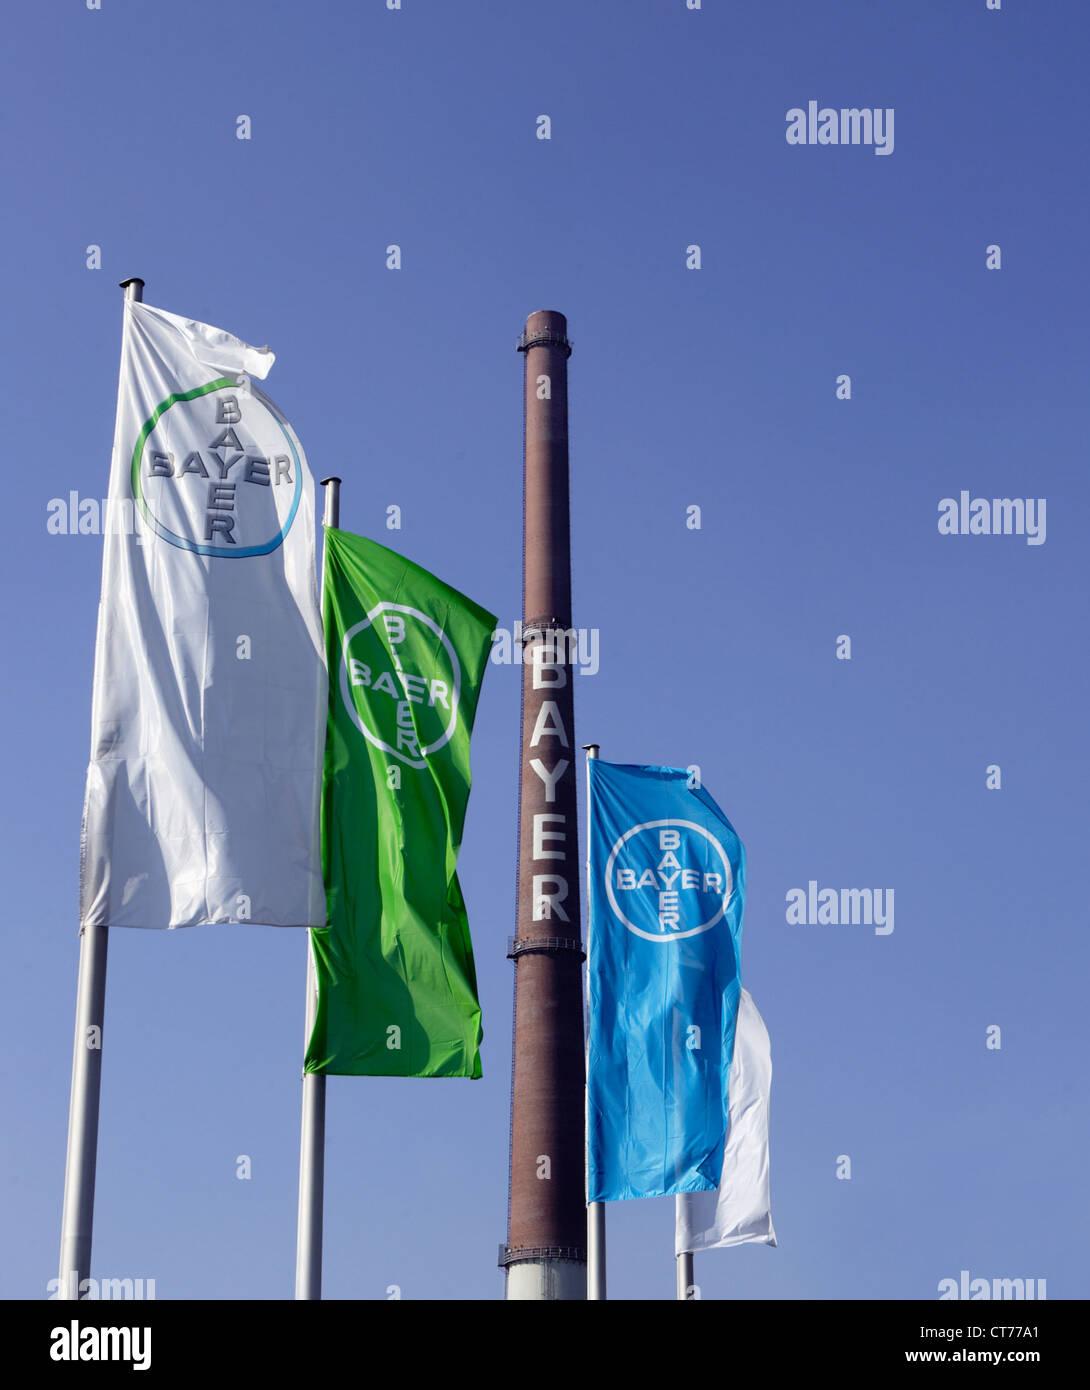 Bayer AG in Leverkusen - Stock Image